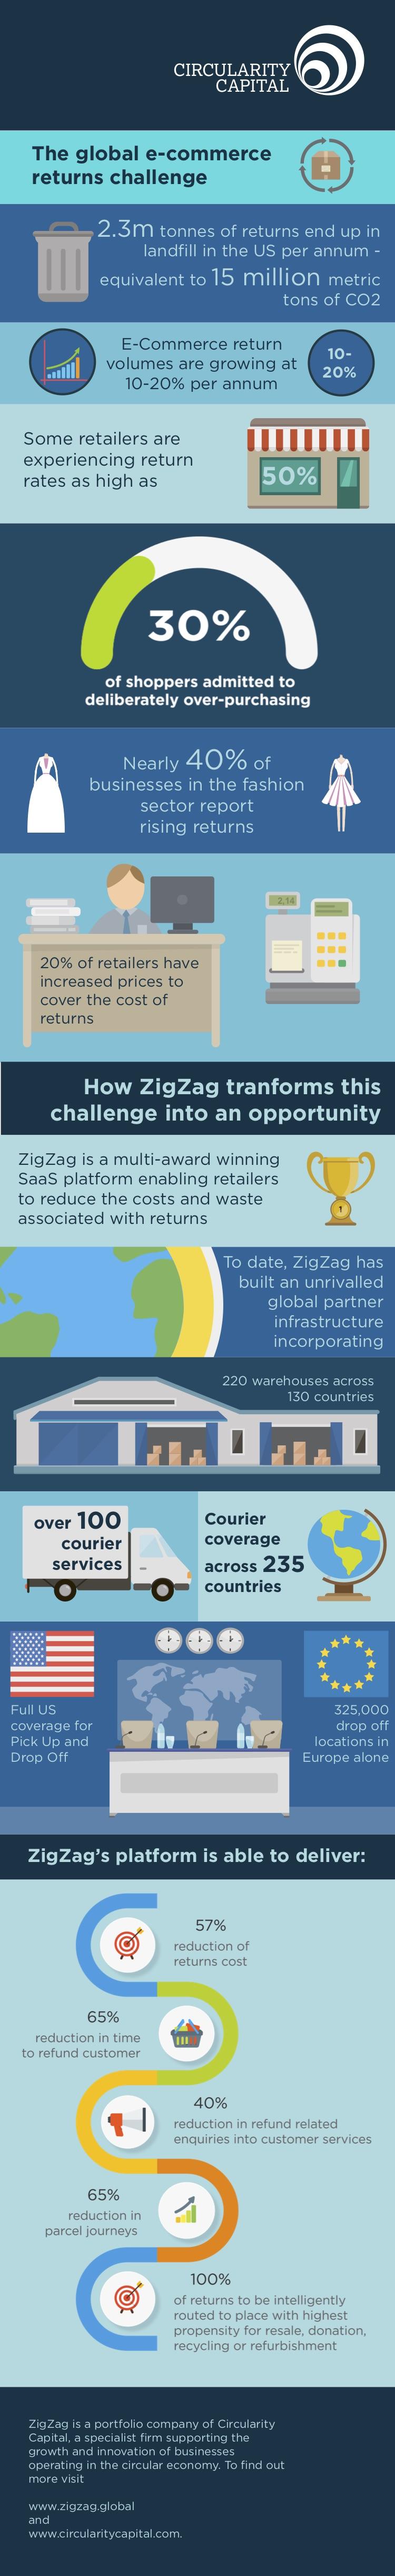 zig_zag_infographic_v03.jpg